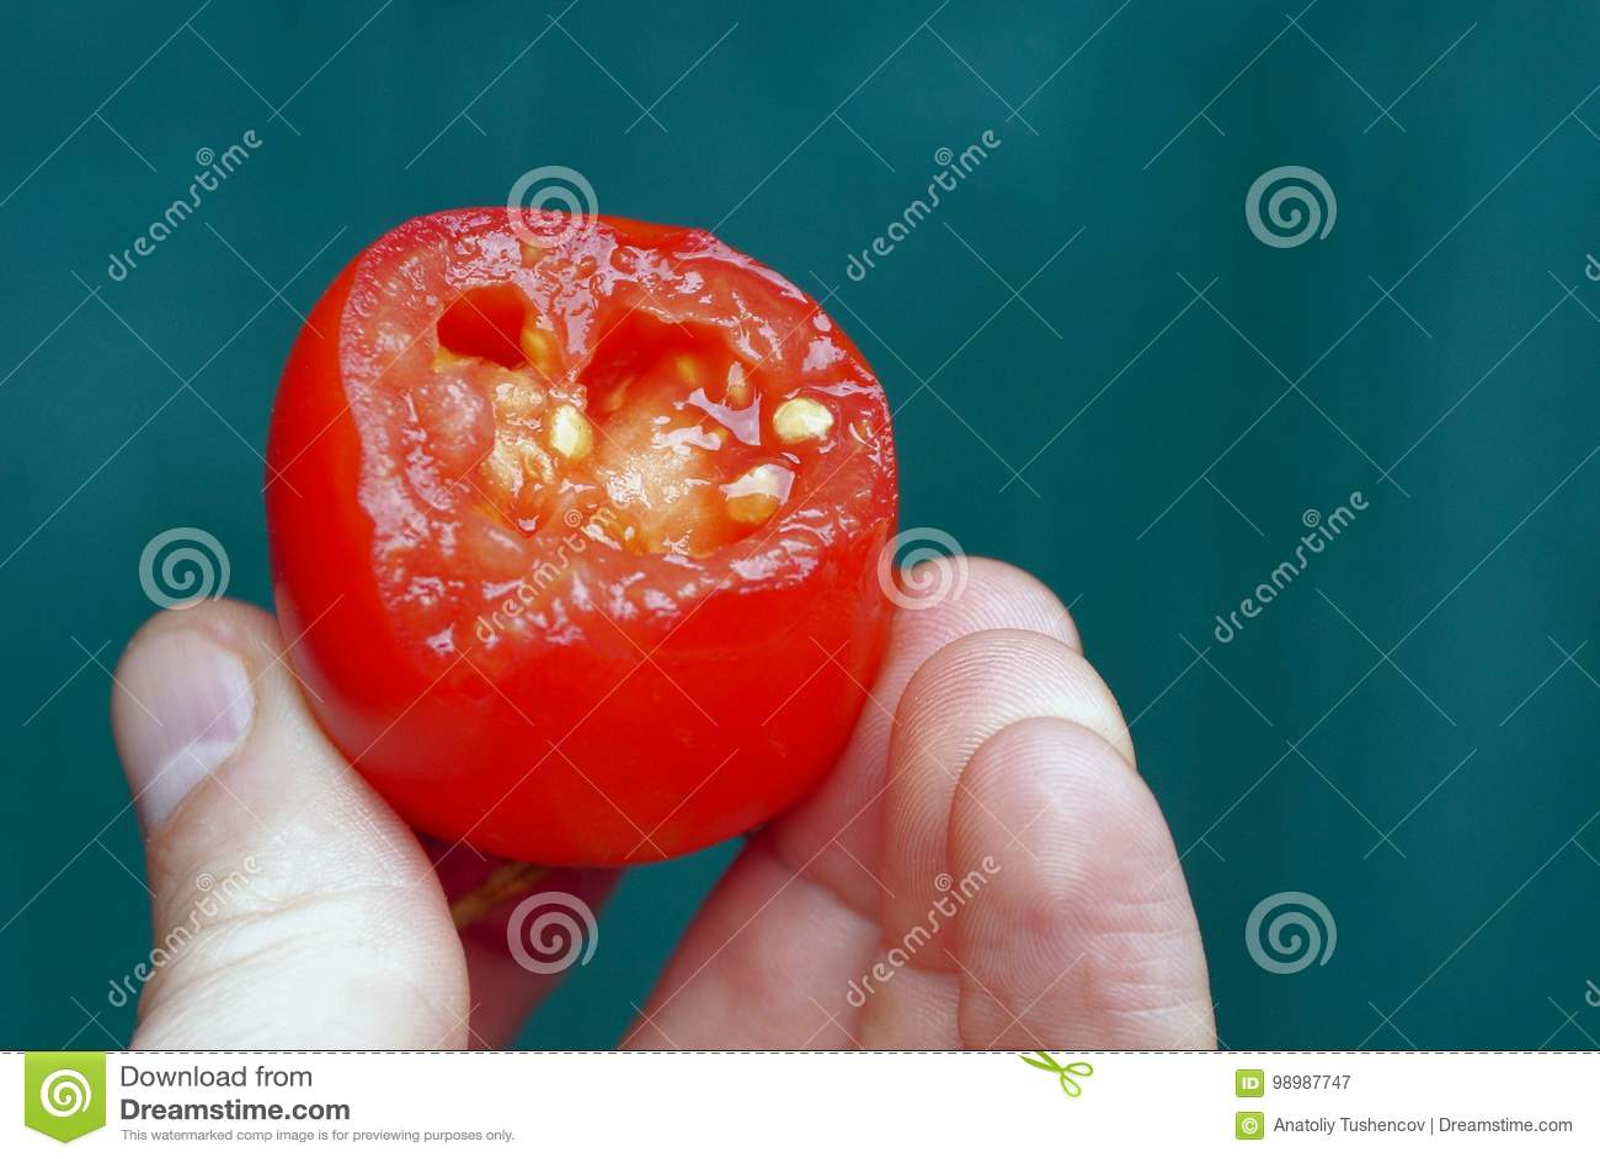 Ett stycke av den röda tomaten på fingrar på en grön bakgrund